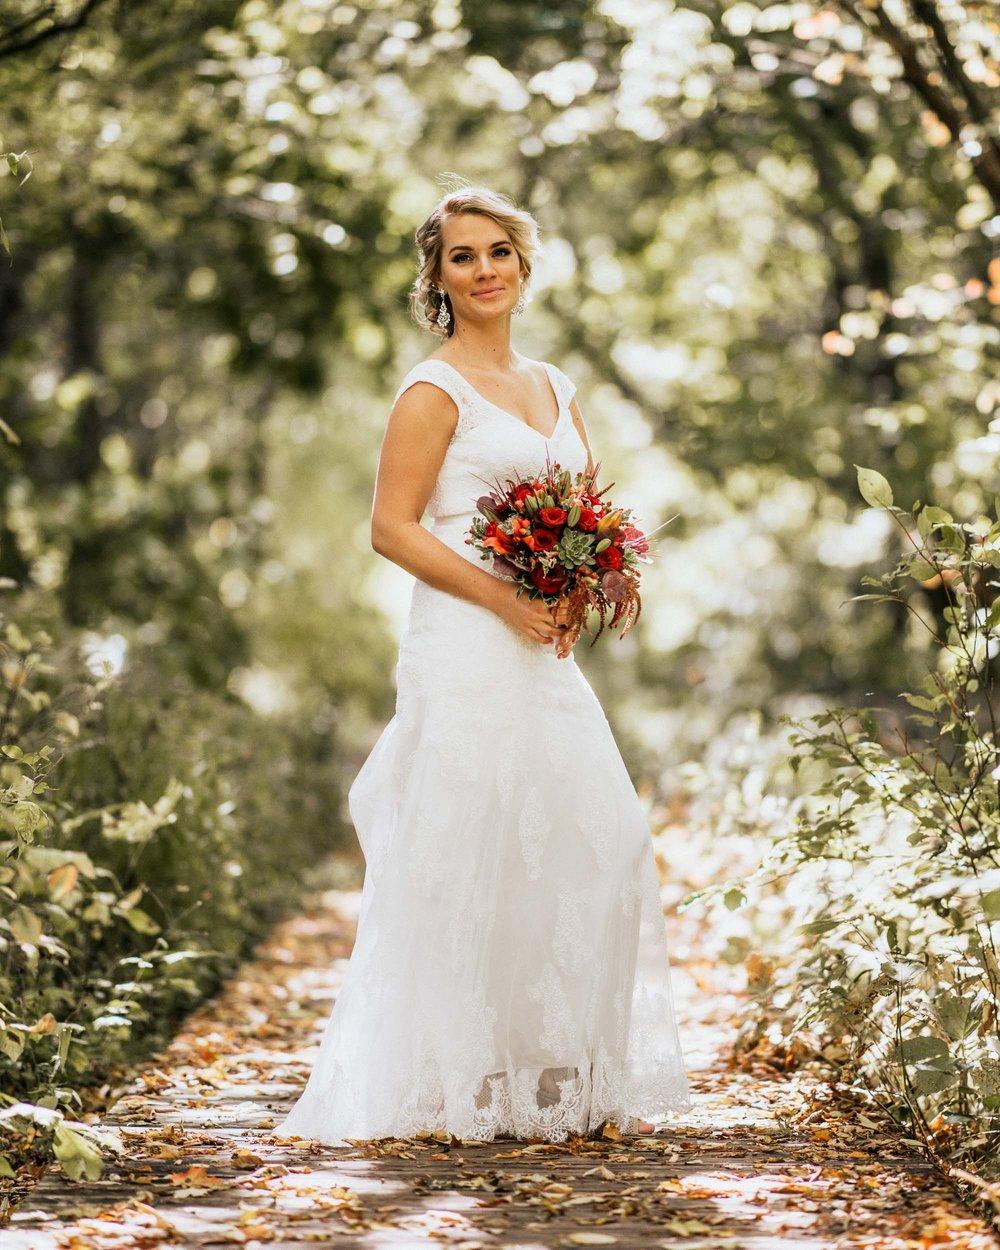 wedding-photography-stratford-davidiam-016.jpg